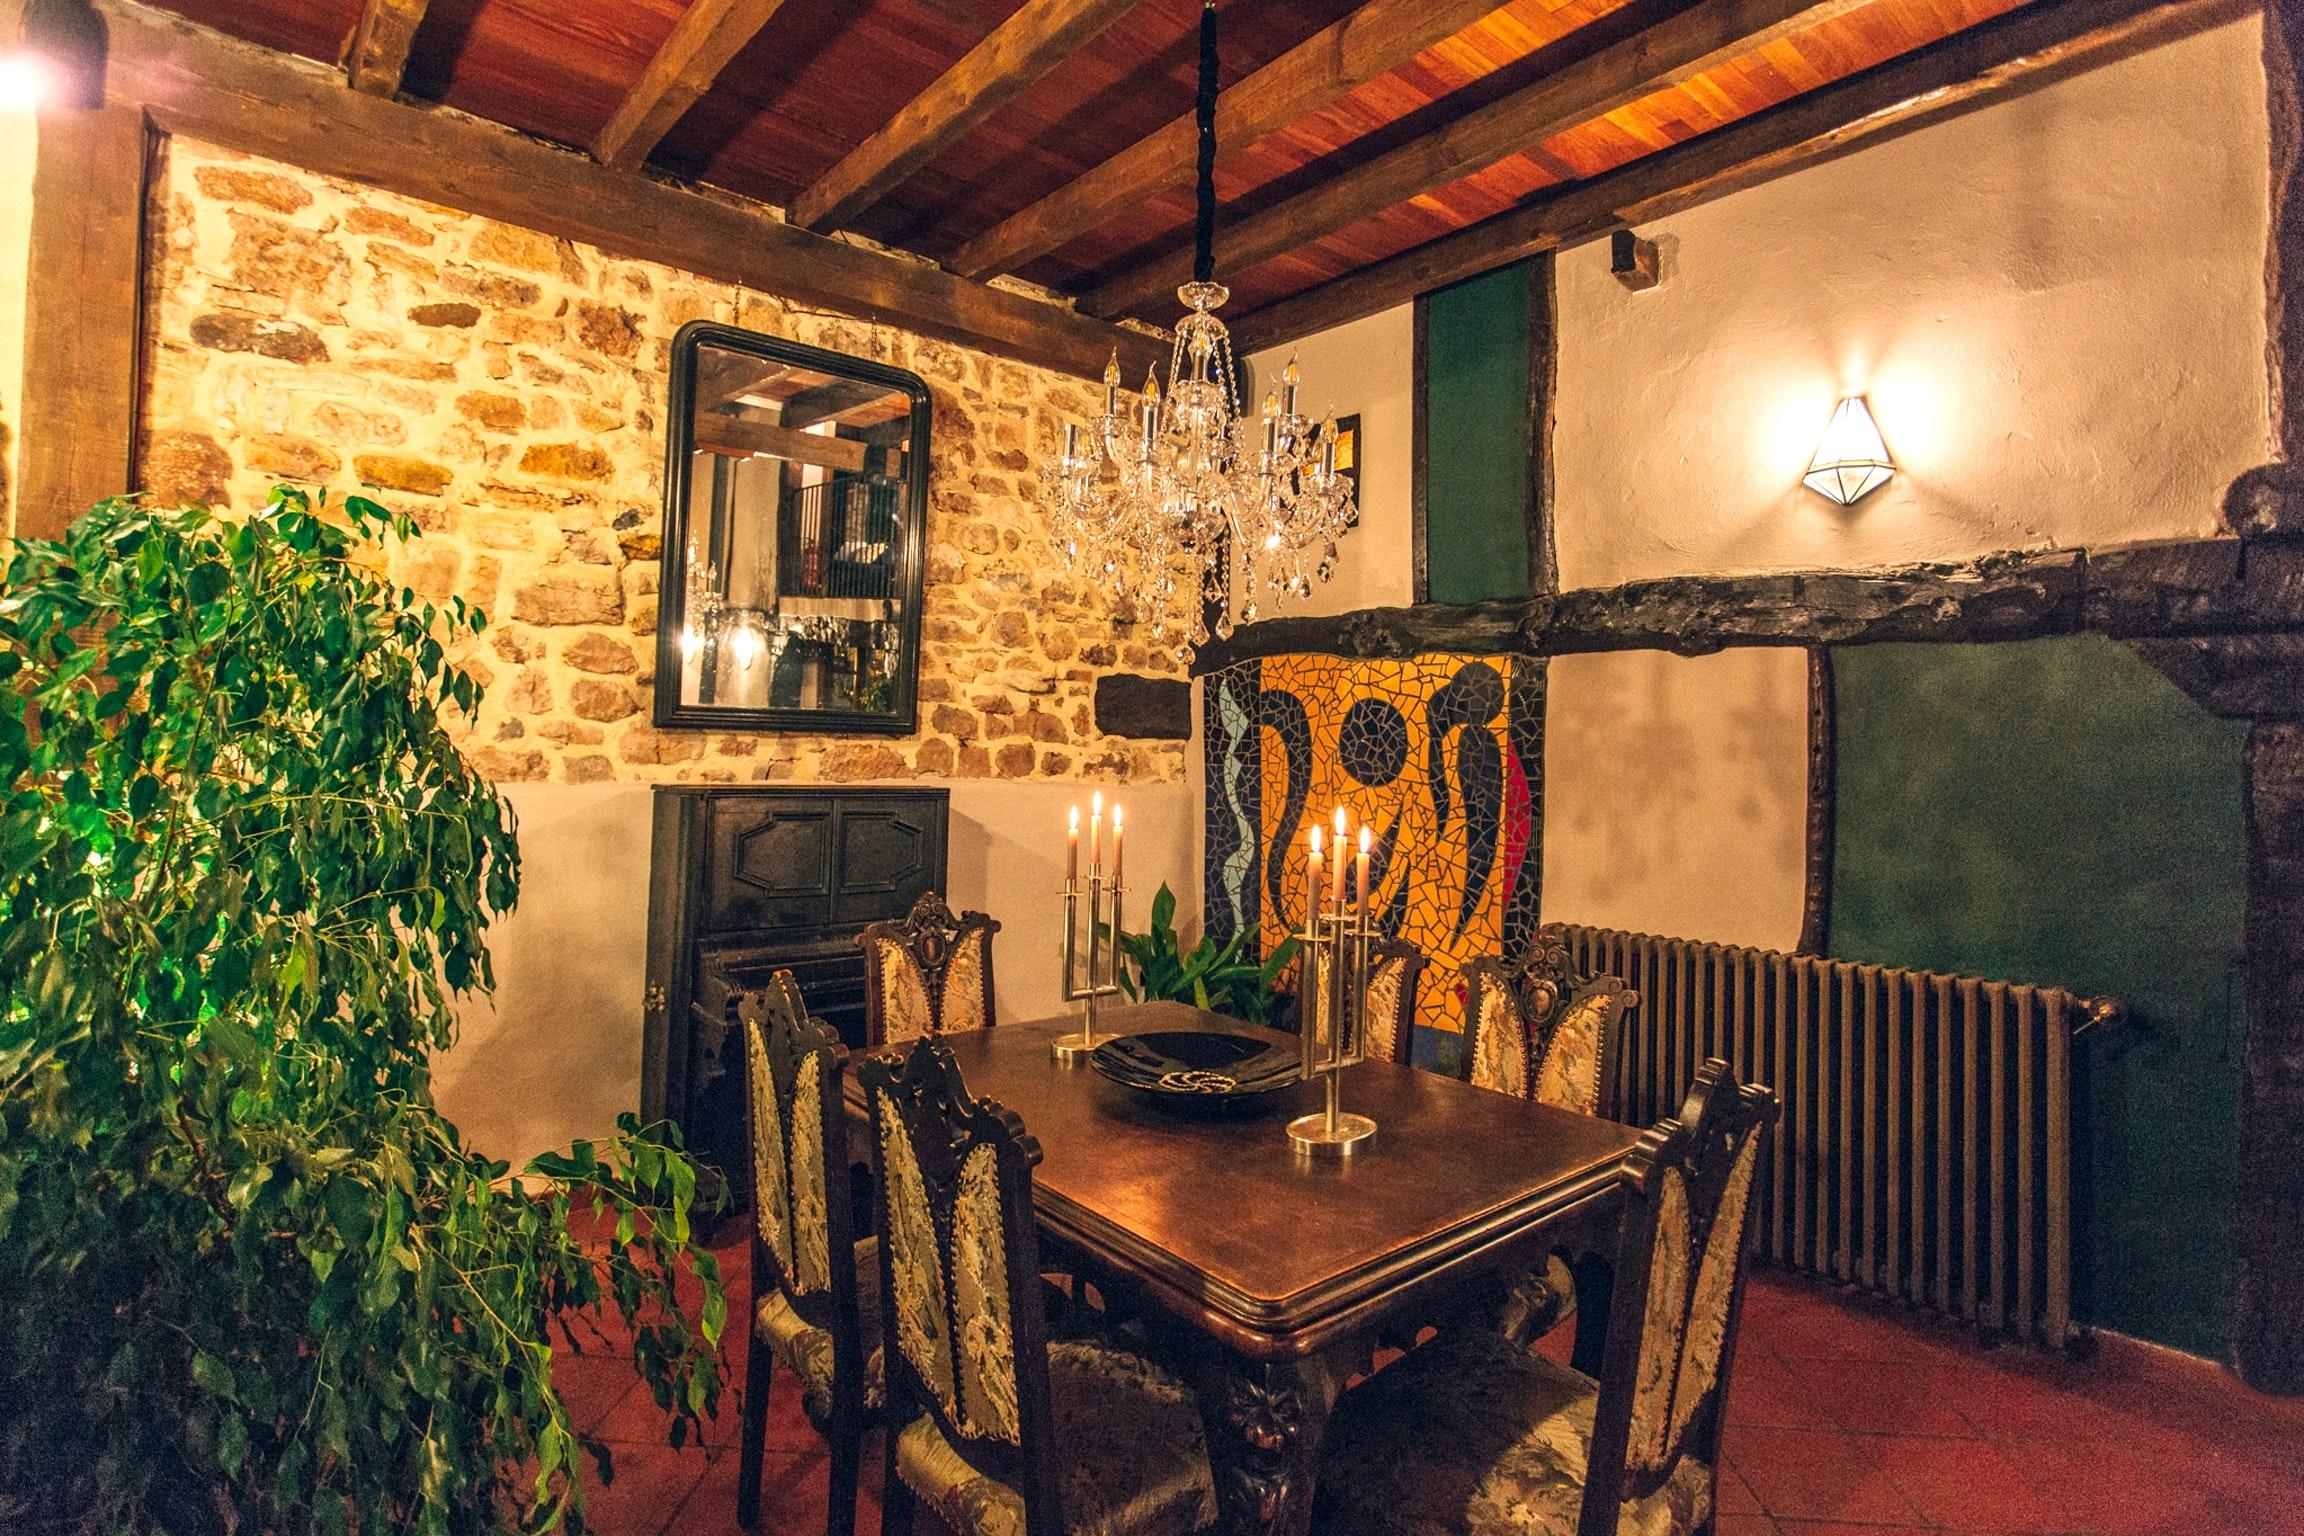 Ferienhaus Haus mit 5 Zimmern in Fuenteodra mit toller Aussicht auf die Berge, eingezäuntem Garten un (2211142), Fuenteodra, Burgos, Kastilien-León, Spanien, Bild 10